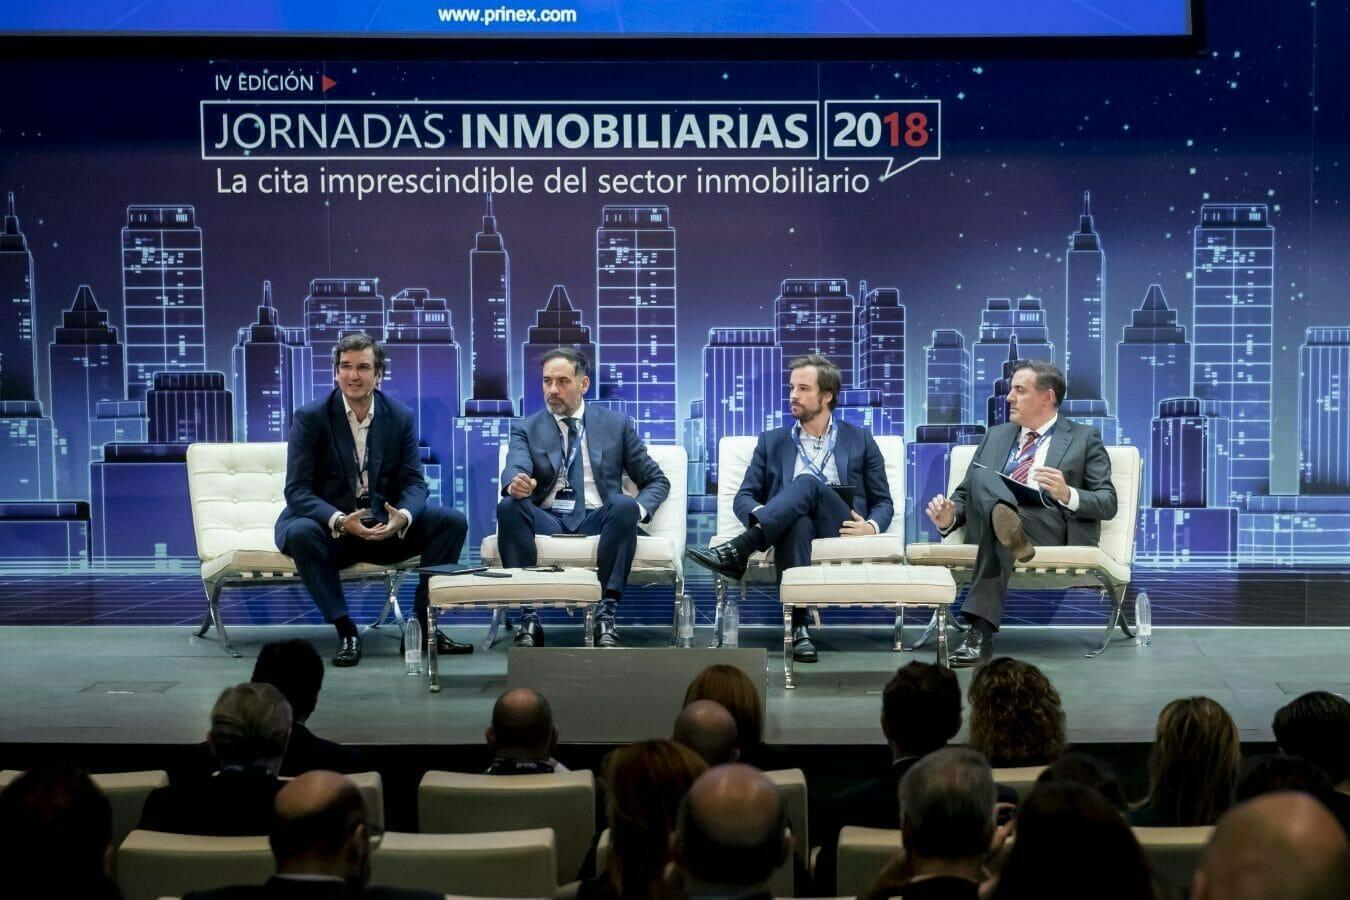 2018-11-14 JORNADAS INMOBILIARIAS PRINEX 64